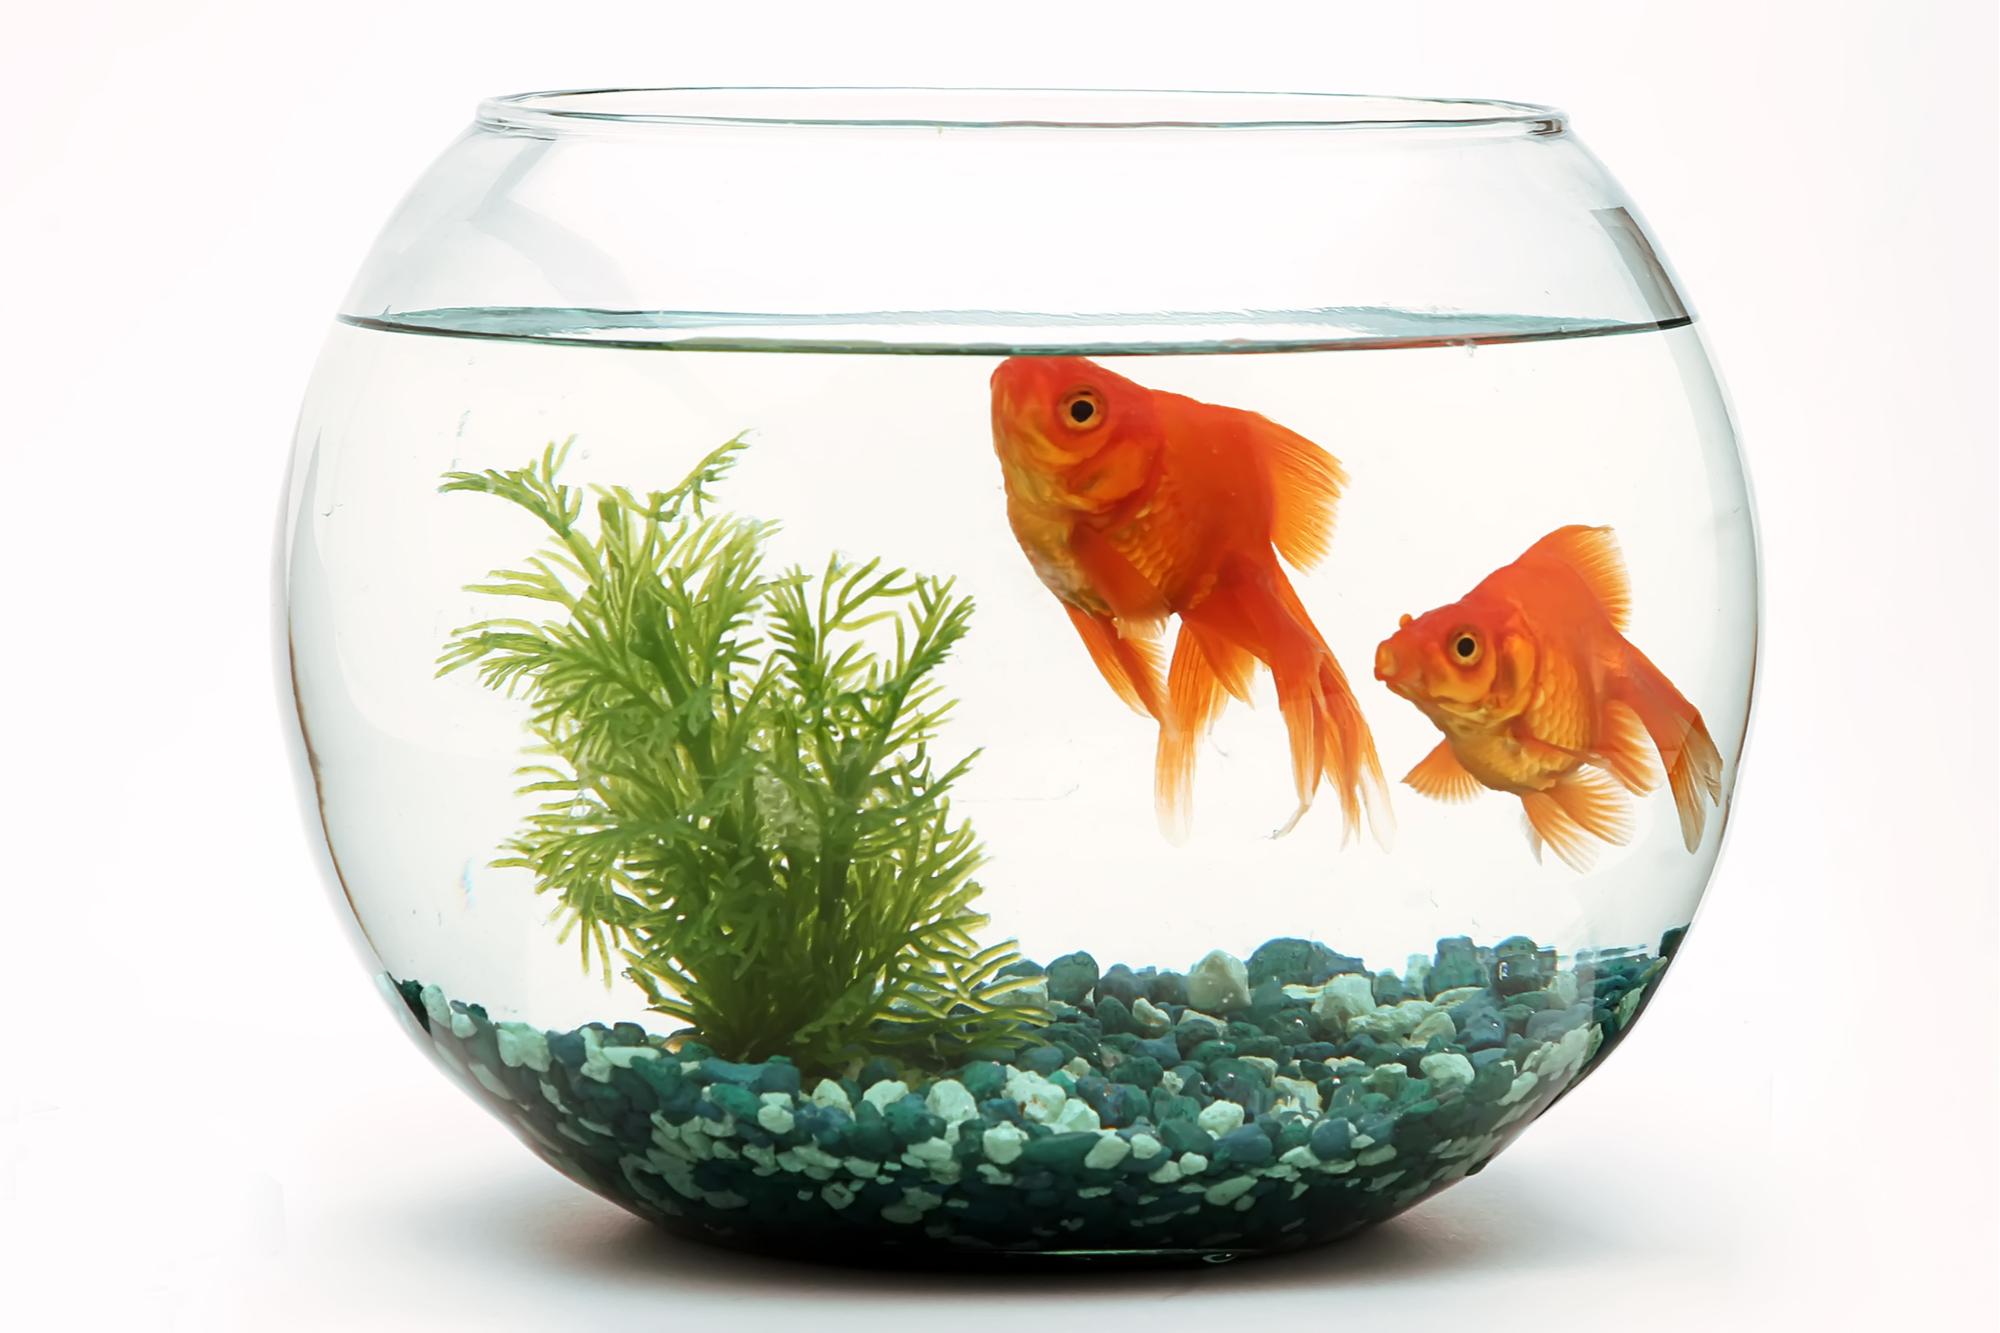 حوض بداخله سمك ذهبي